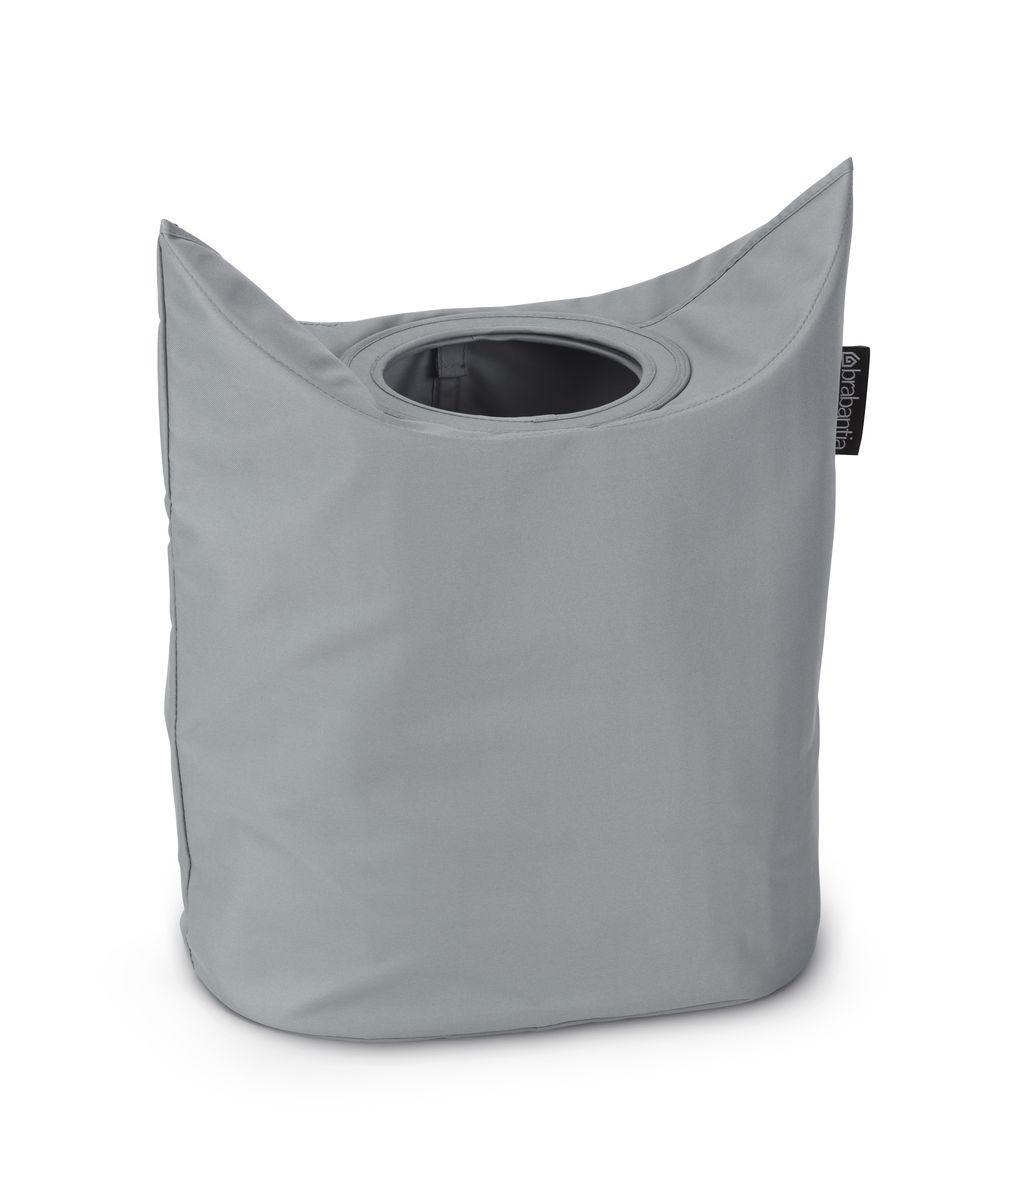 Сумка для белья Brabantia, цвет: серый. 102448102448Оригинальная сумка для белья экономит место и превращает вашу стирку в увлекательное занятие. С помощью складывающихся магнитных ручек сумка закрывается и превращается в корзину для белья с загрузочным отверстием. Собрались стирать? Поднимите ручки, и ваша сумка готова к использованию. Загрузочное отверстие для быстрой загрузки белья – просто сложите магнитные ручки; Большие удобные ручки для переноски; Удобно загружать белье в стиральную машину – большая вместимость и широкое отверстие; 2 года гарантии Brabantia.